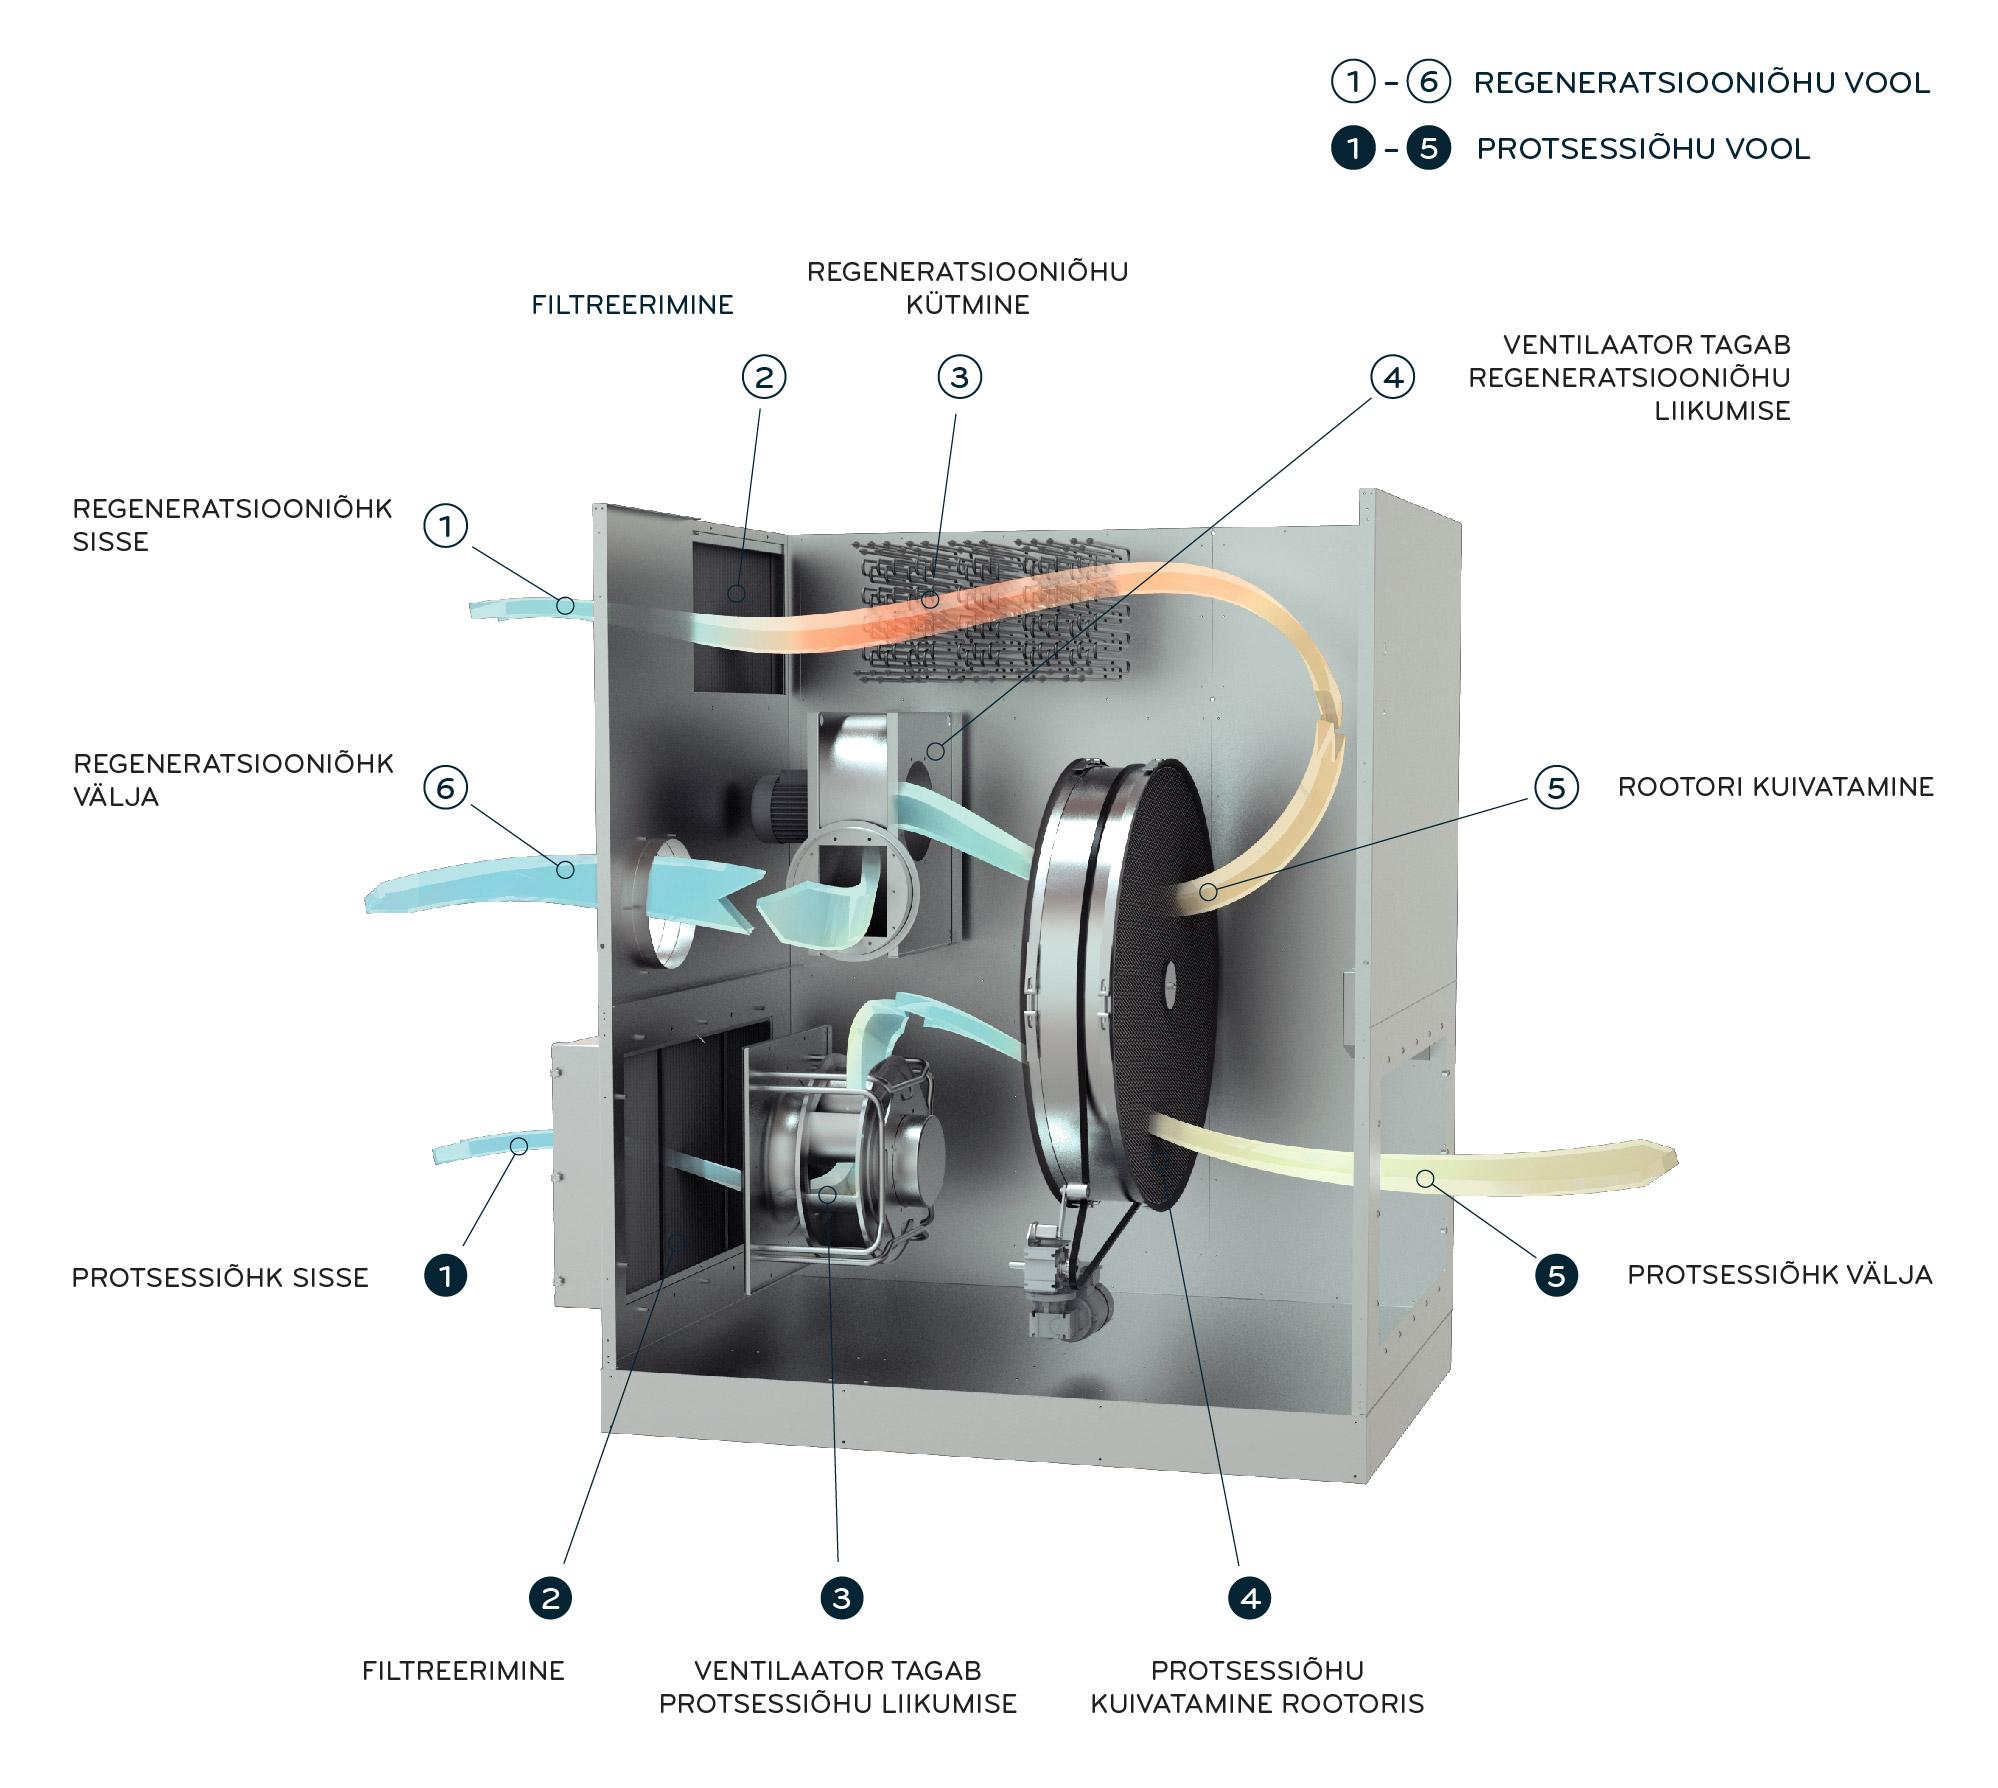 Cotes C105 õhukuivatid / niiskusekogujad tööpõhimõte